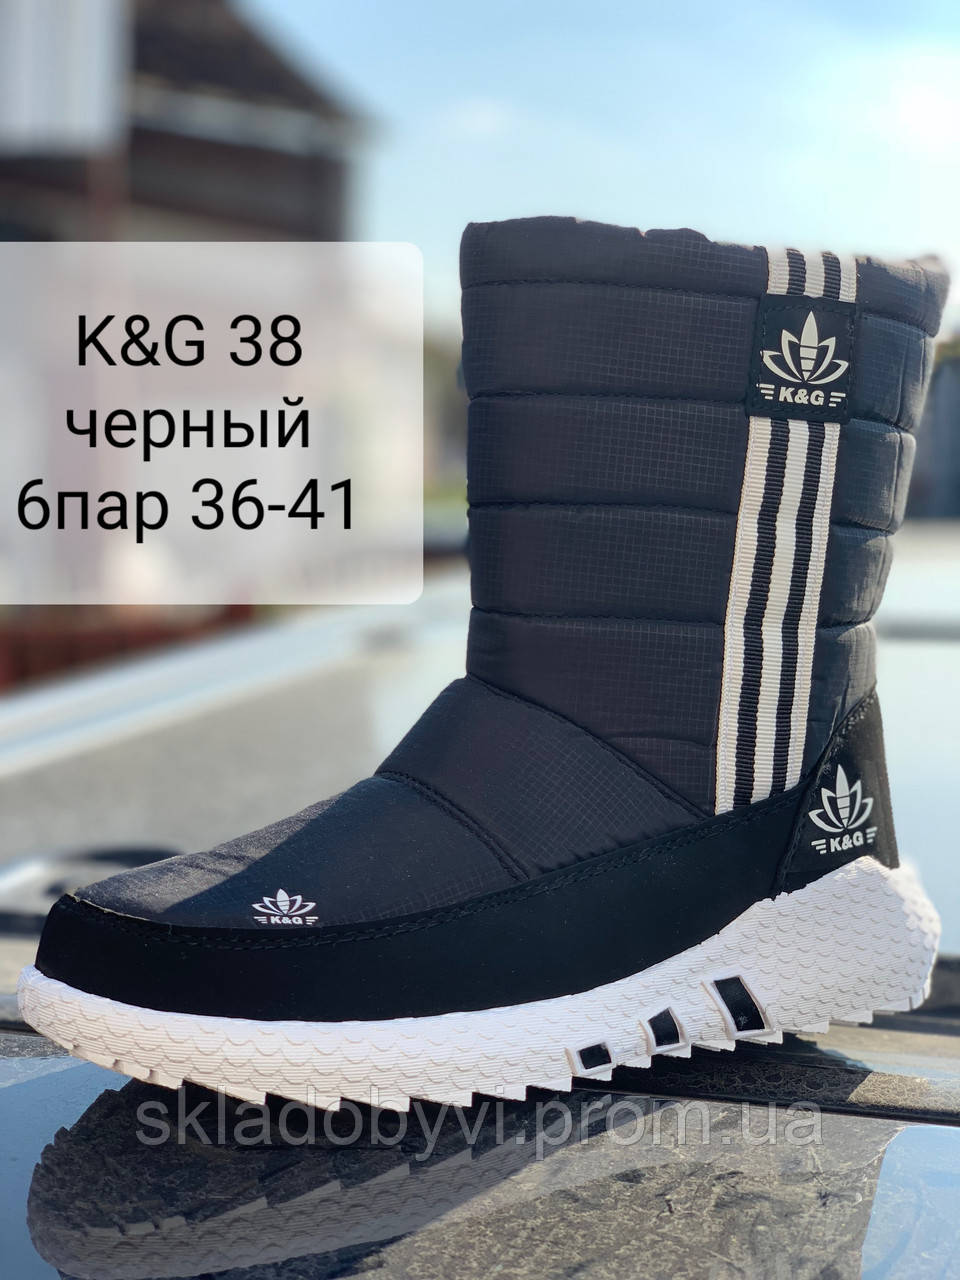 Жіночі дутики чоботи. K&G 38 чорний